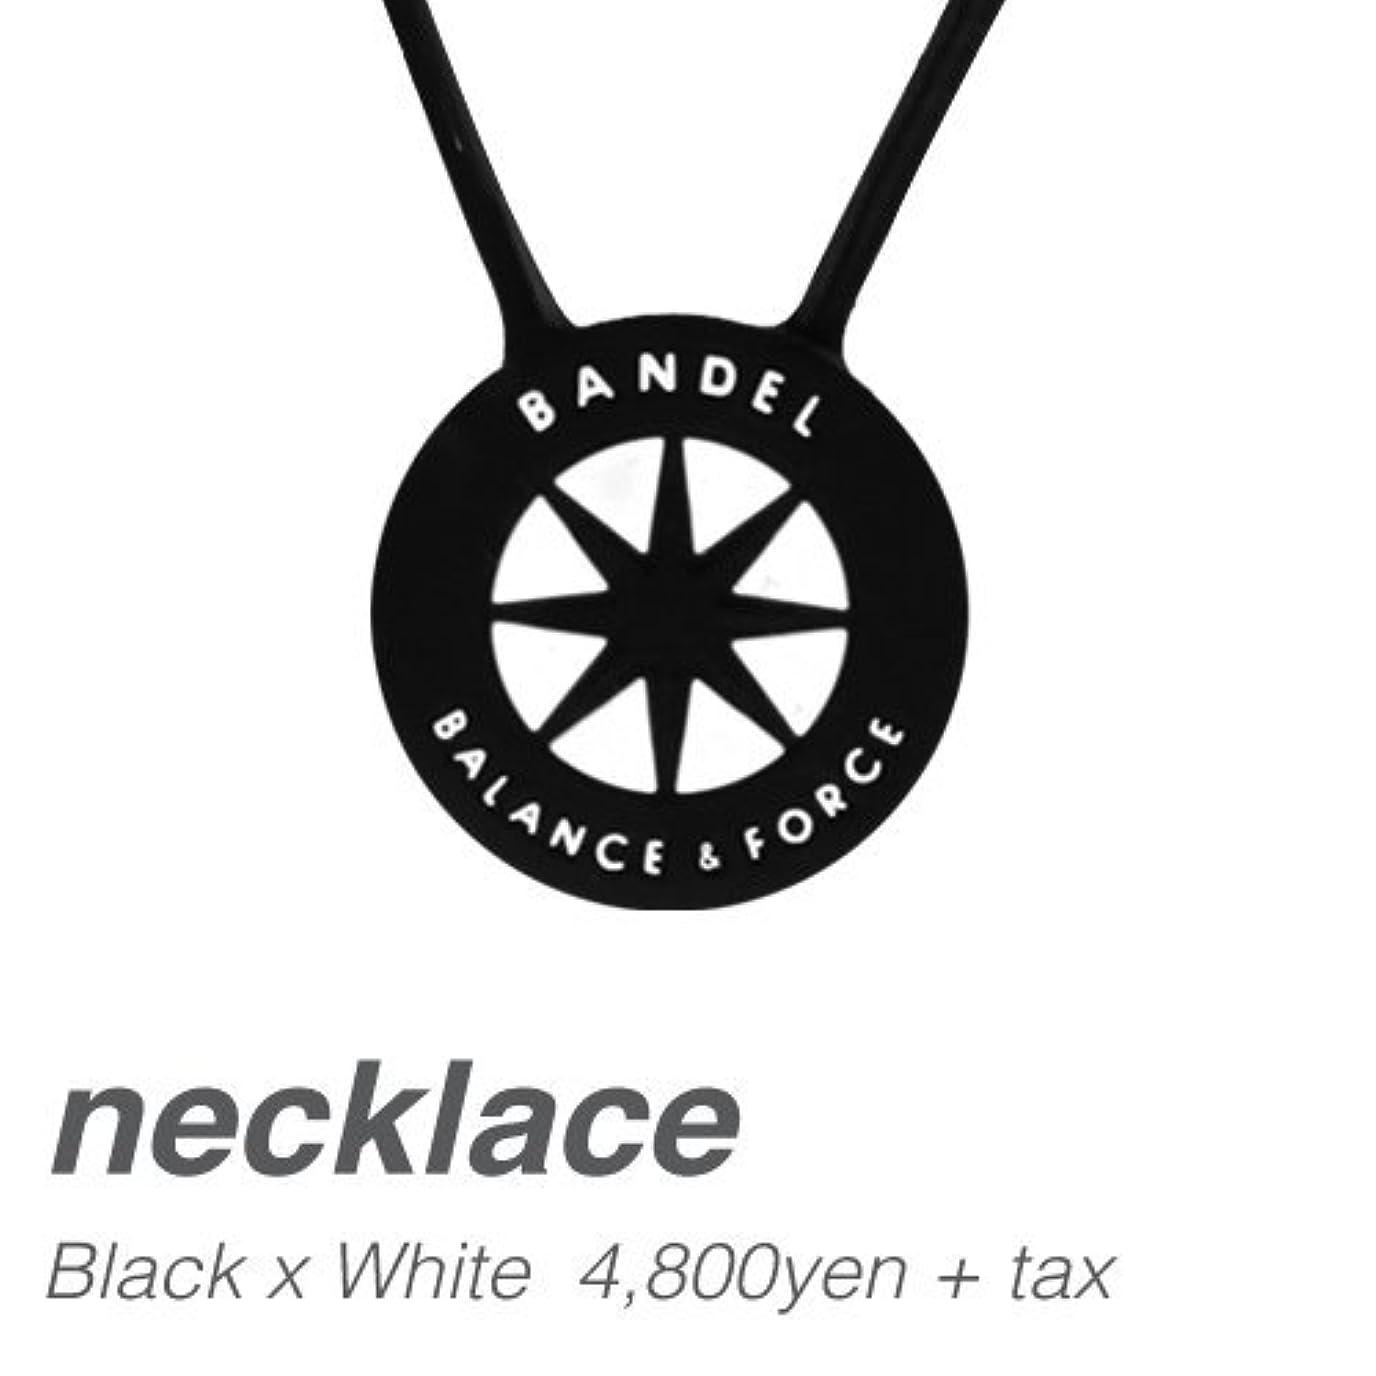 透ける実装する素晴らしさ[バンデル?BANDEL]スタンダードネックレス?BANDEL standard necklace(BlackxWhite?ブラック×ホワイト)レギュラータイプ:45cm